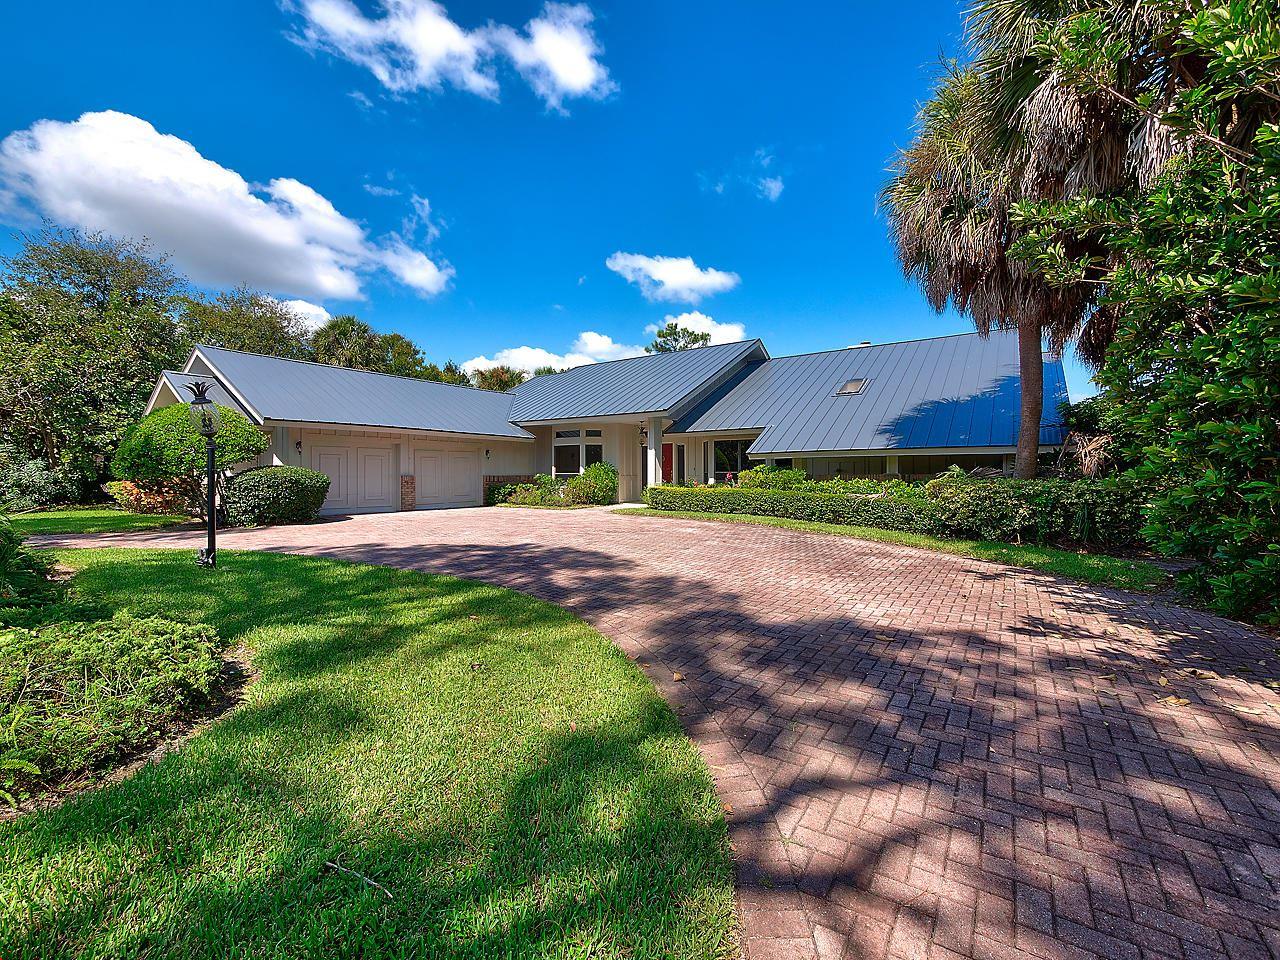 5905 SE Congressional Place, Stuart, FL 34997 - #: RX-10565260